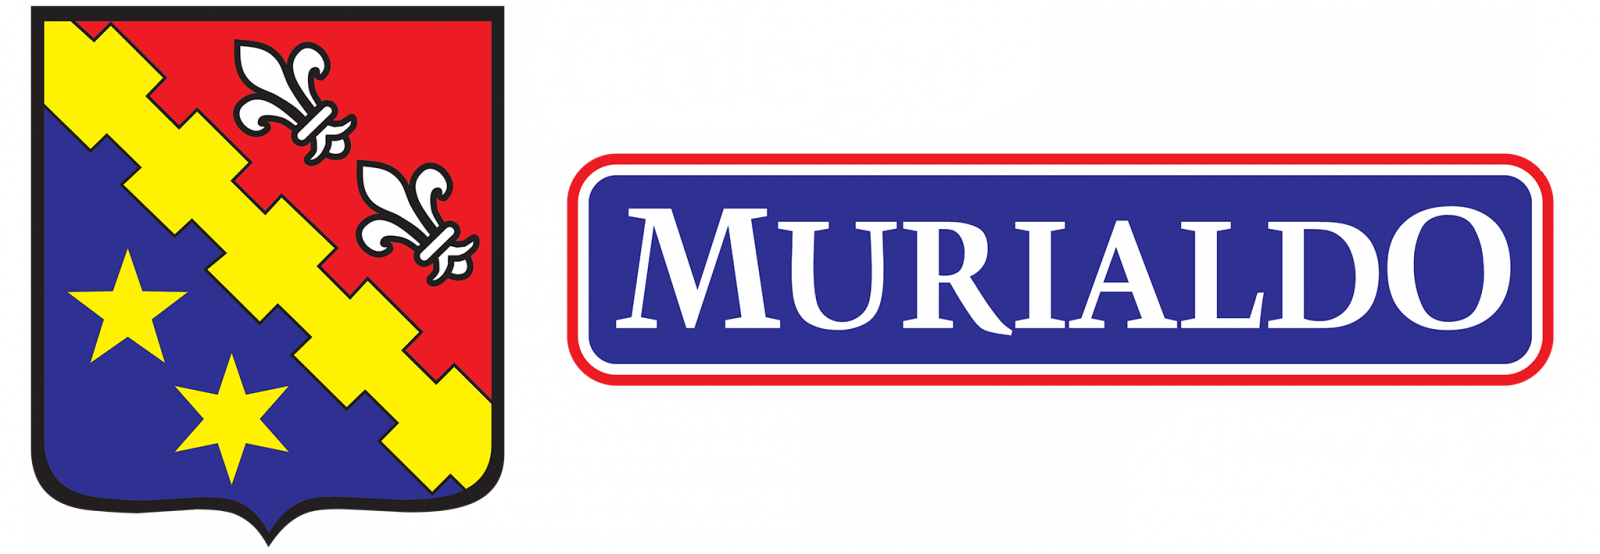 Colégio Murialdo